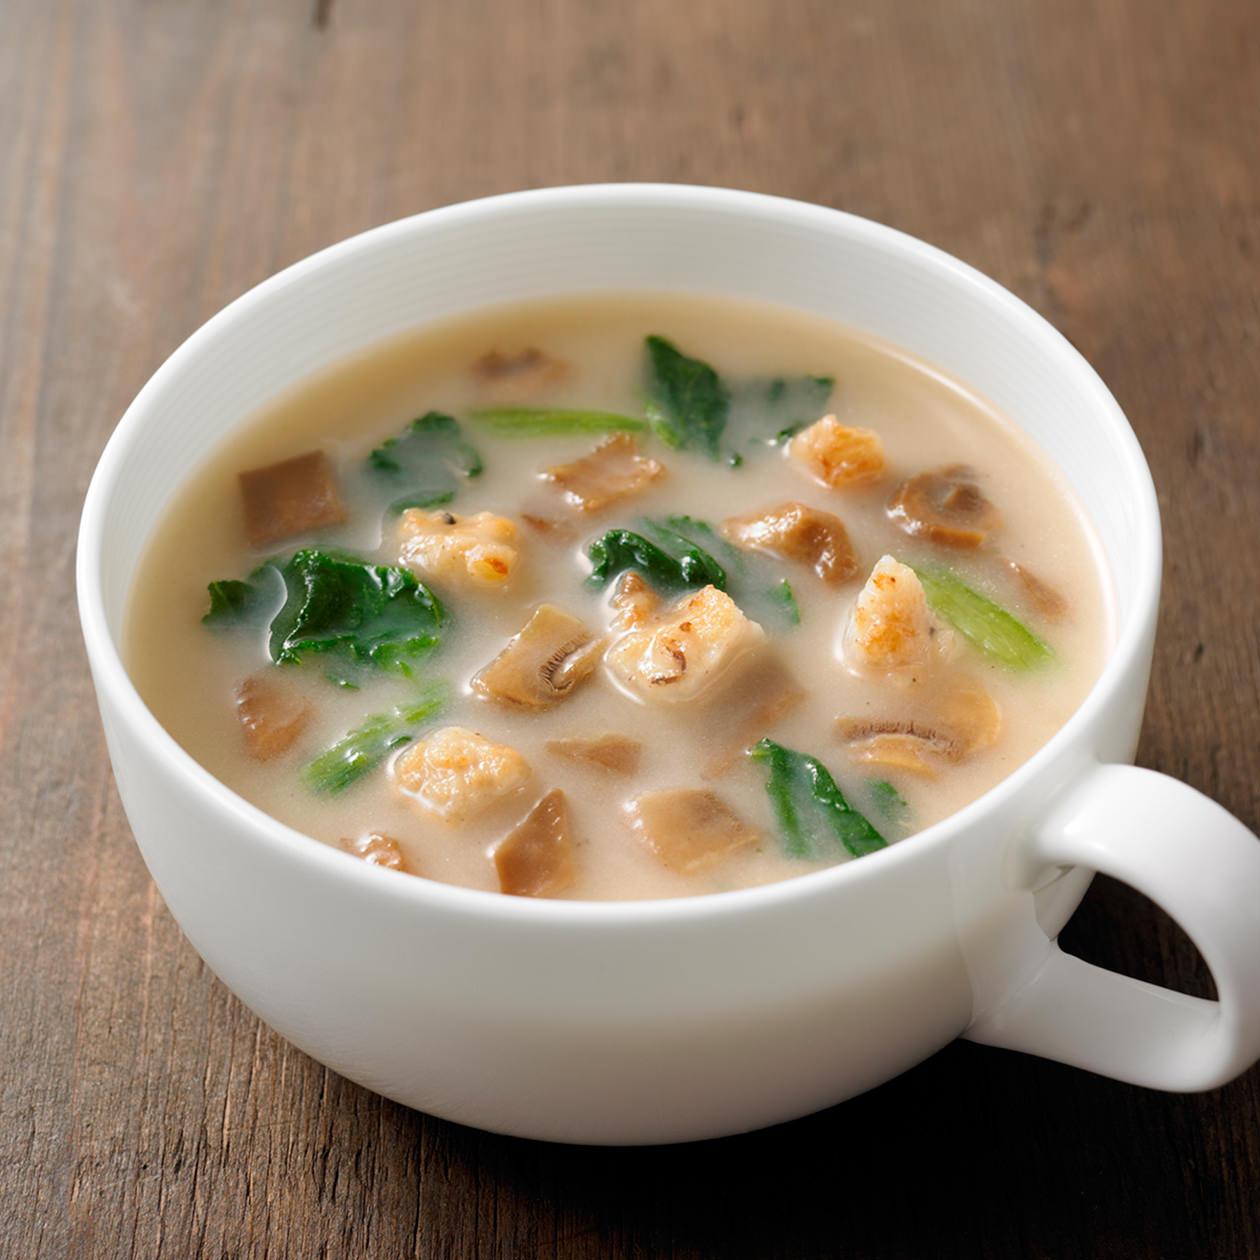 【ネット限定】【まとめ買い】 食べるスープ きのことチキンのポルチーニポタージュ